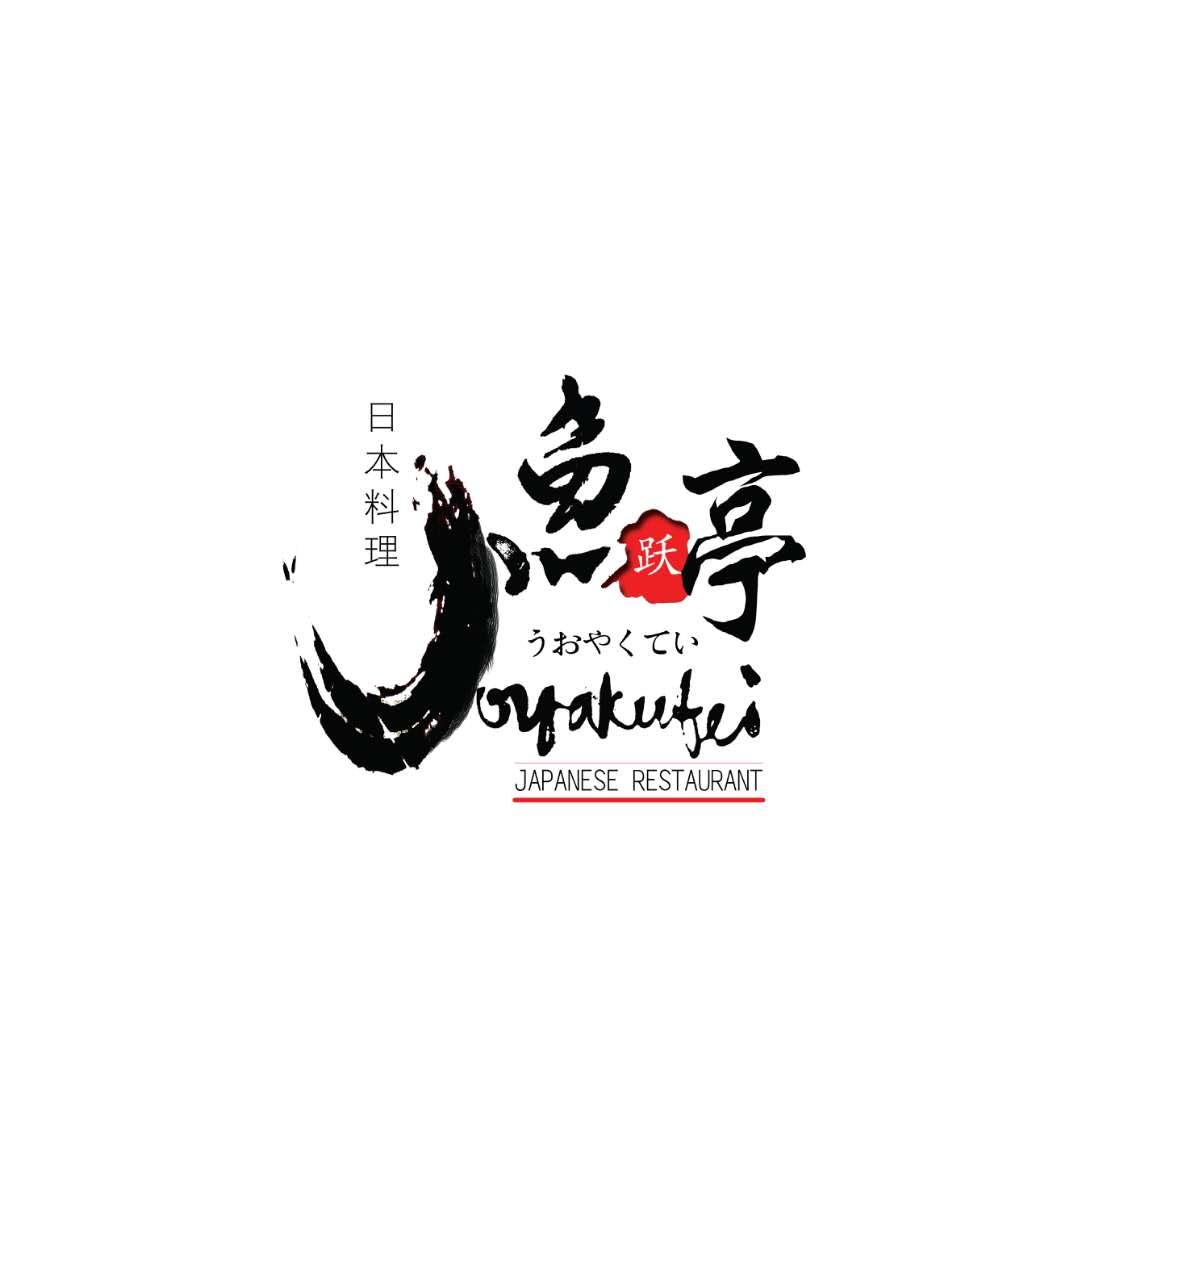 公司餐馆logo